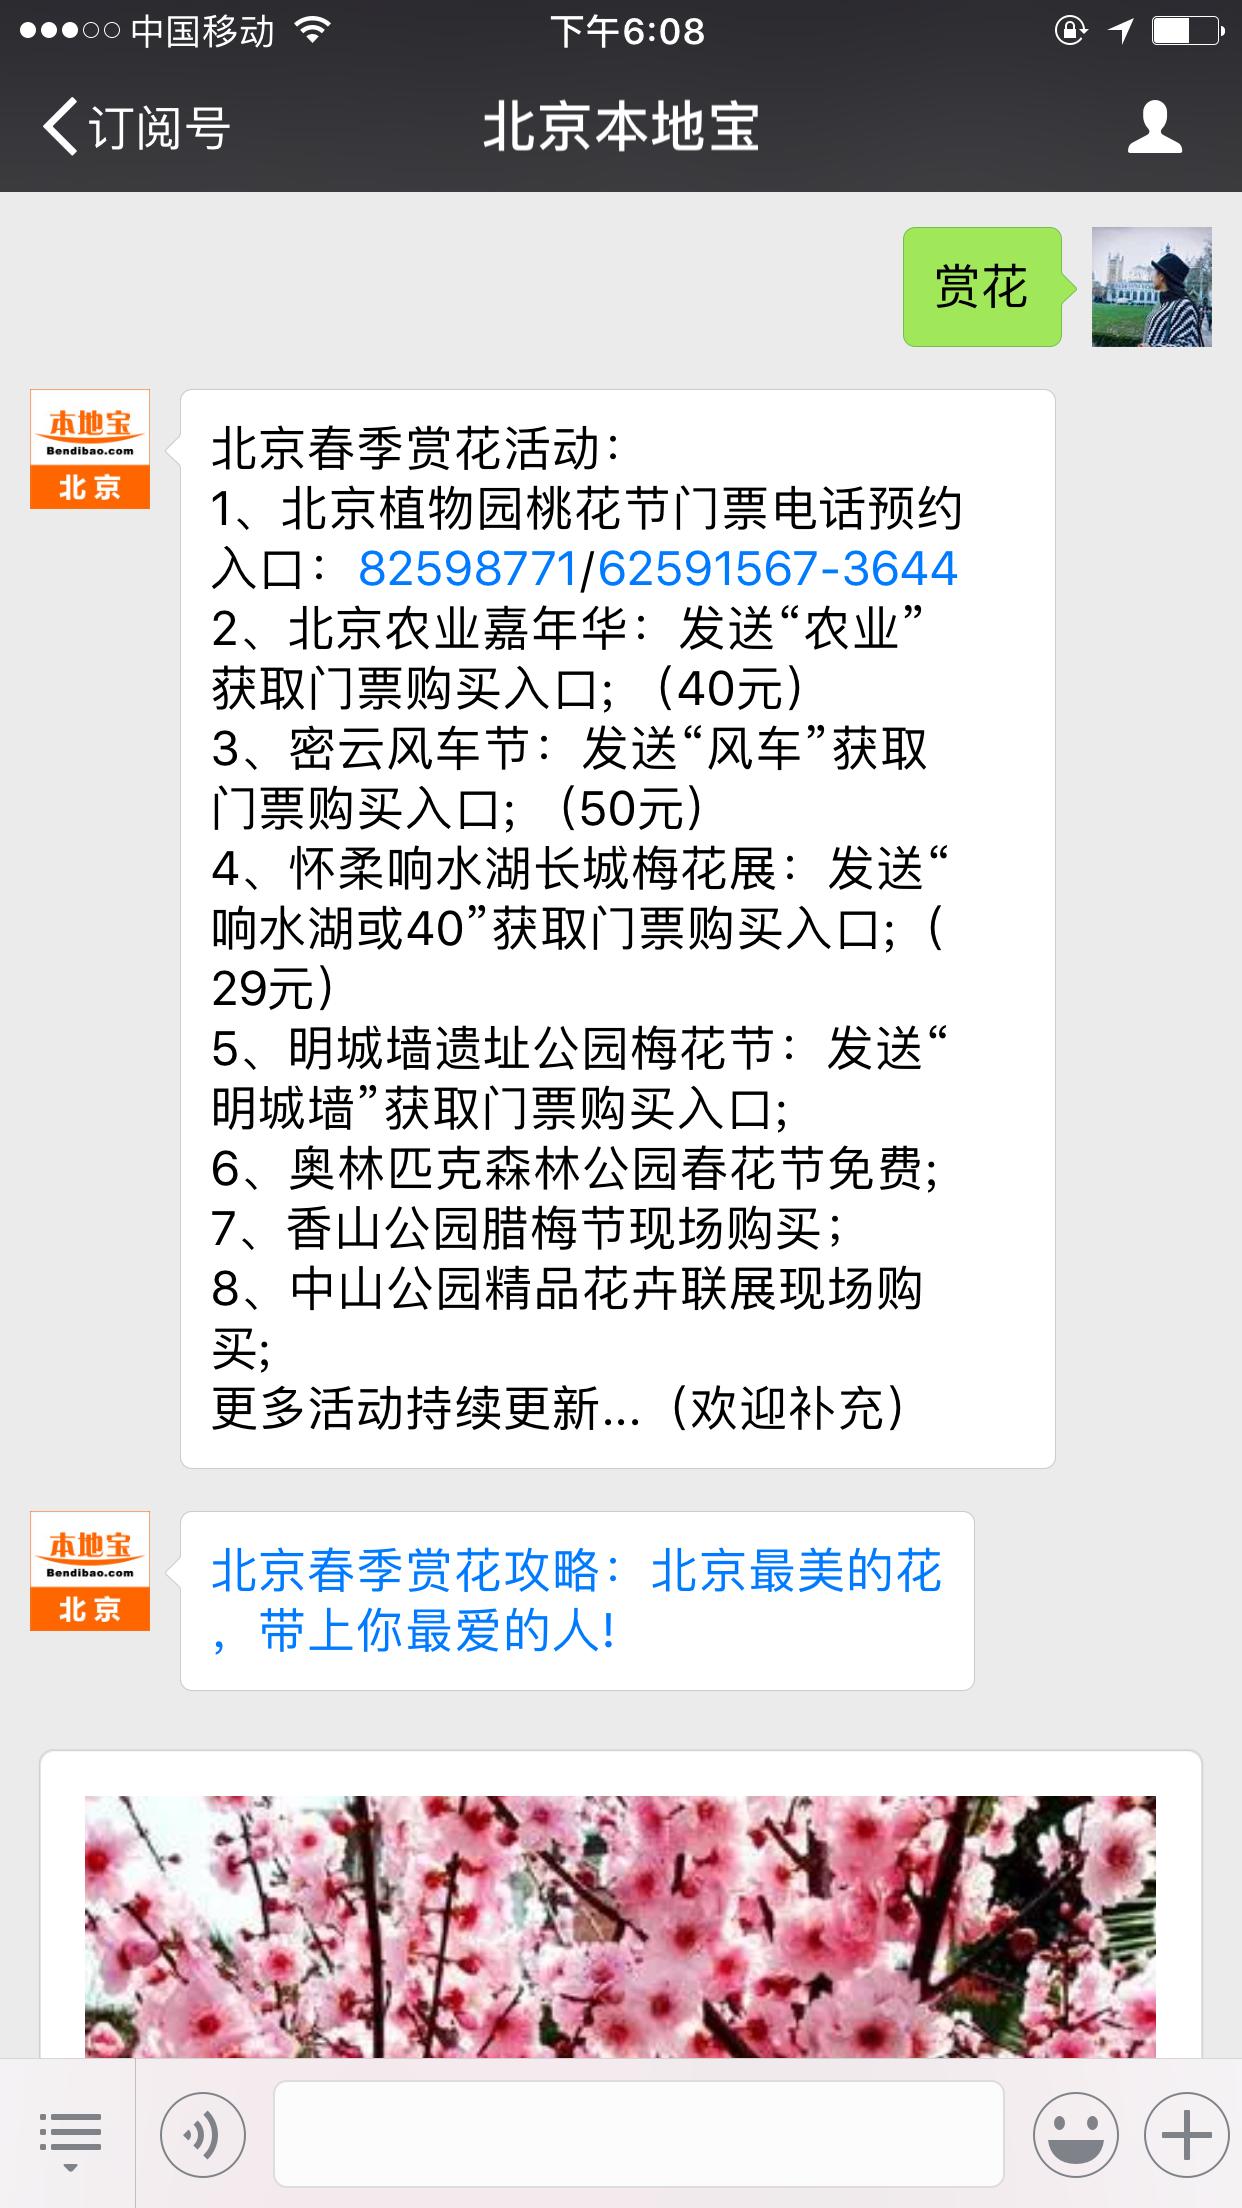 2017年春节北京庙会门票免费抢票时间、抢票方式及换票地点